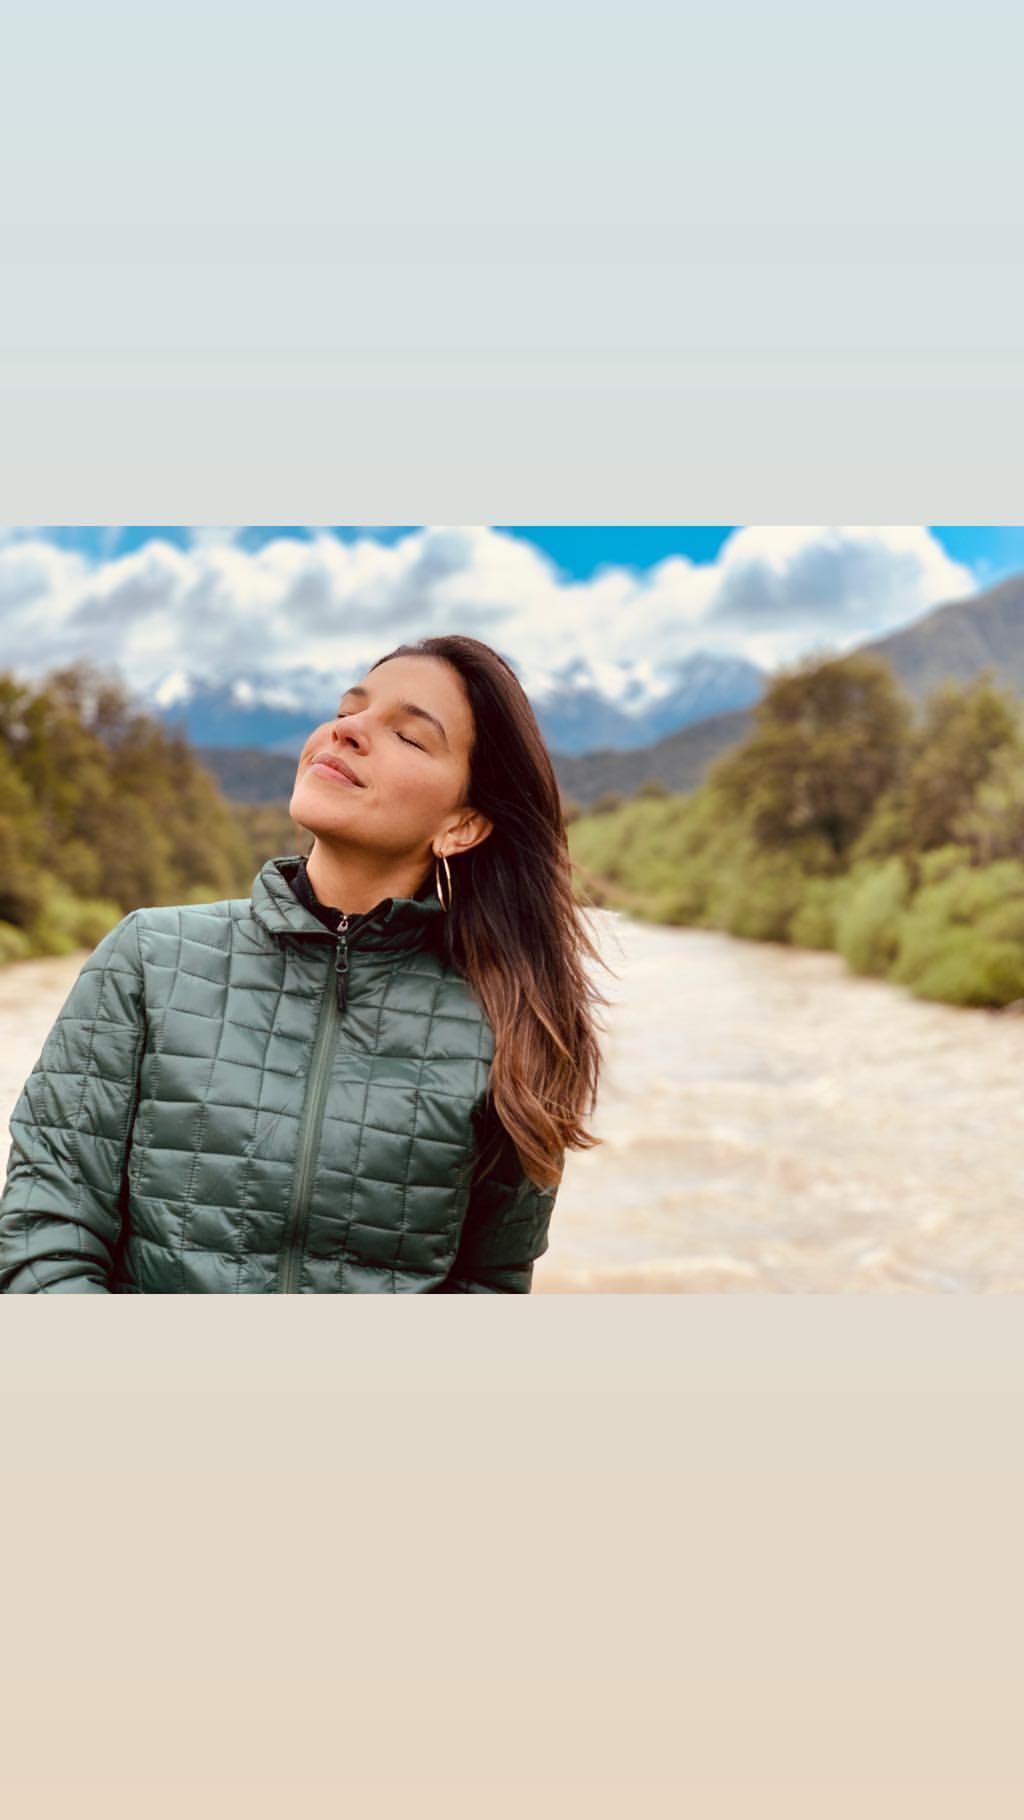 Mariana Rios (Foto: Reprodução)